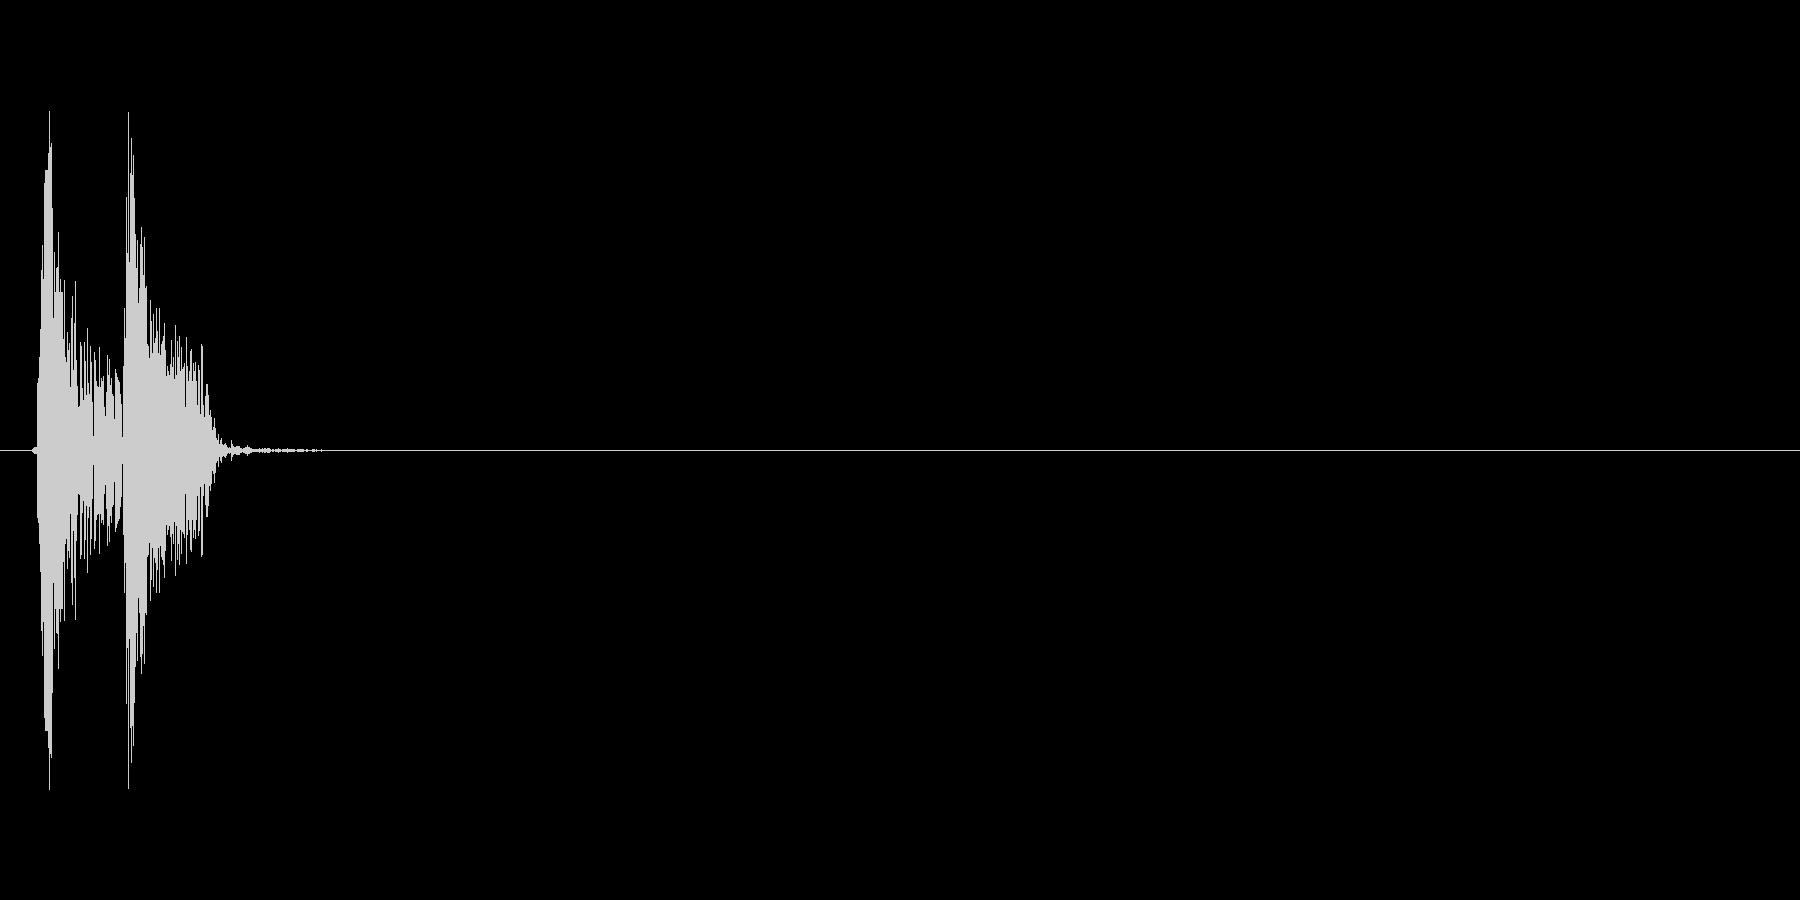 パクッ(食事、コミカル、低い音)の未再生の波形